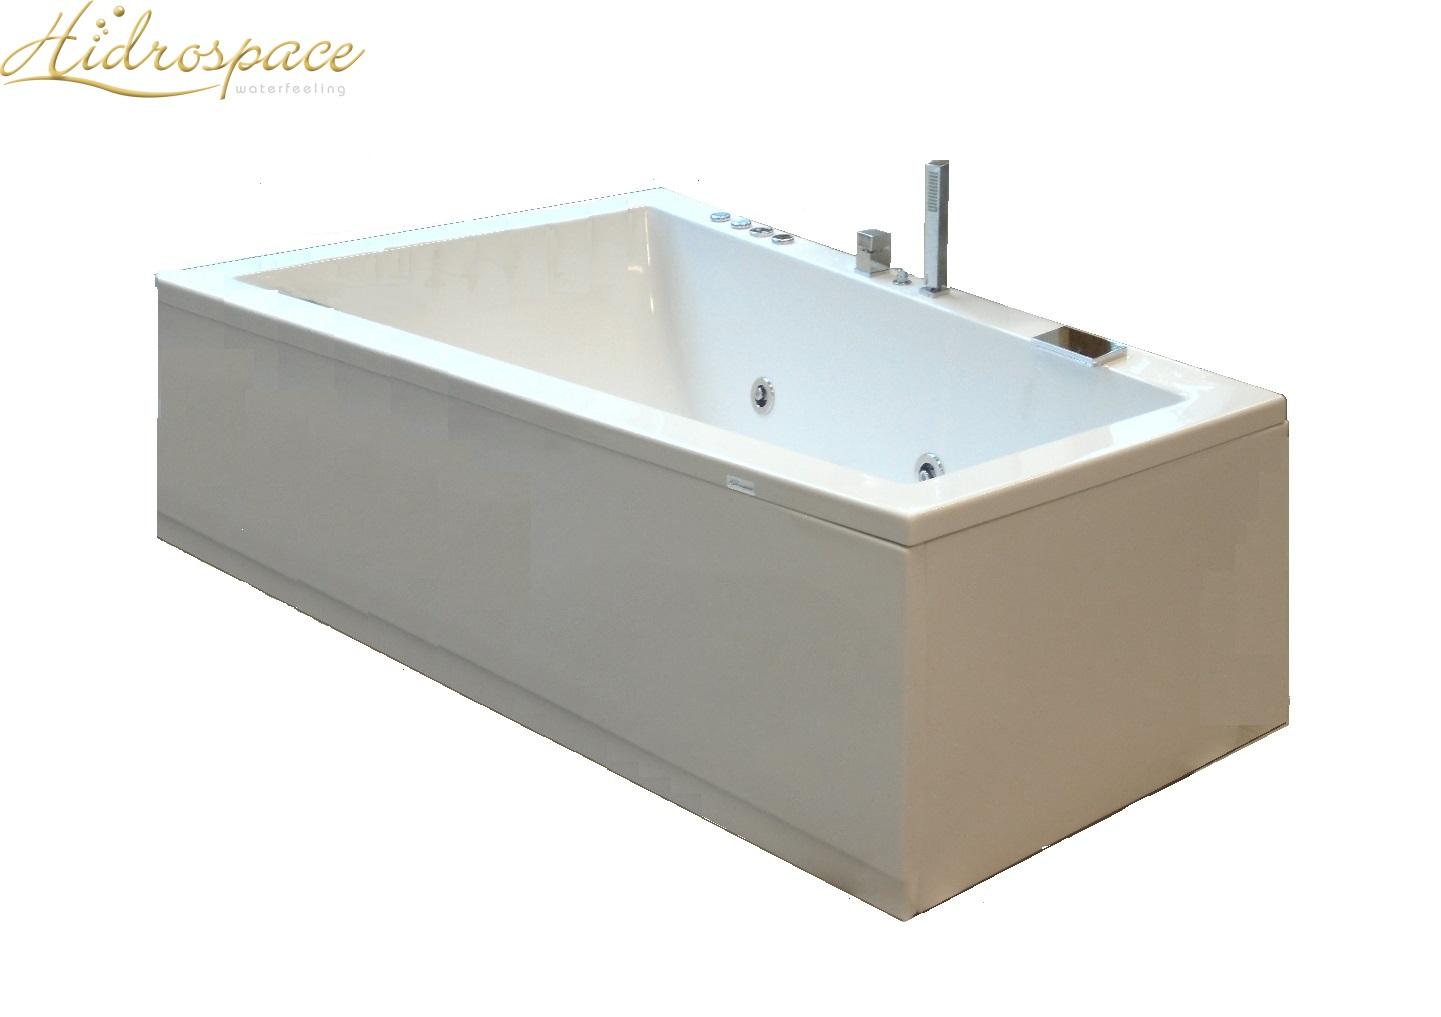 Trial 120x180 vasca da bagno asimmetrica - Togliere vasca da bagno ...